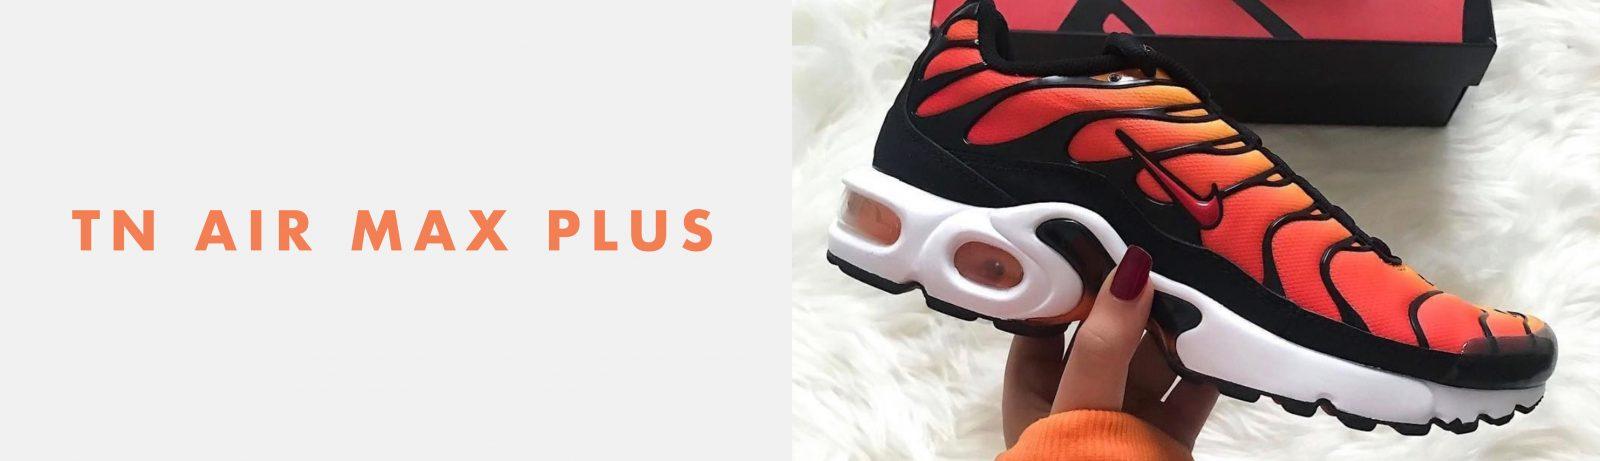 air max plus womens orange